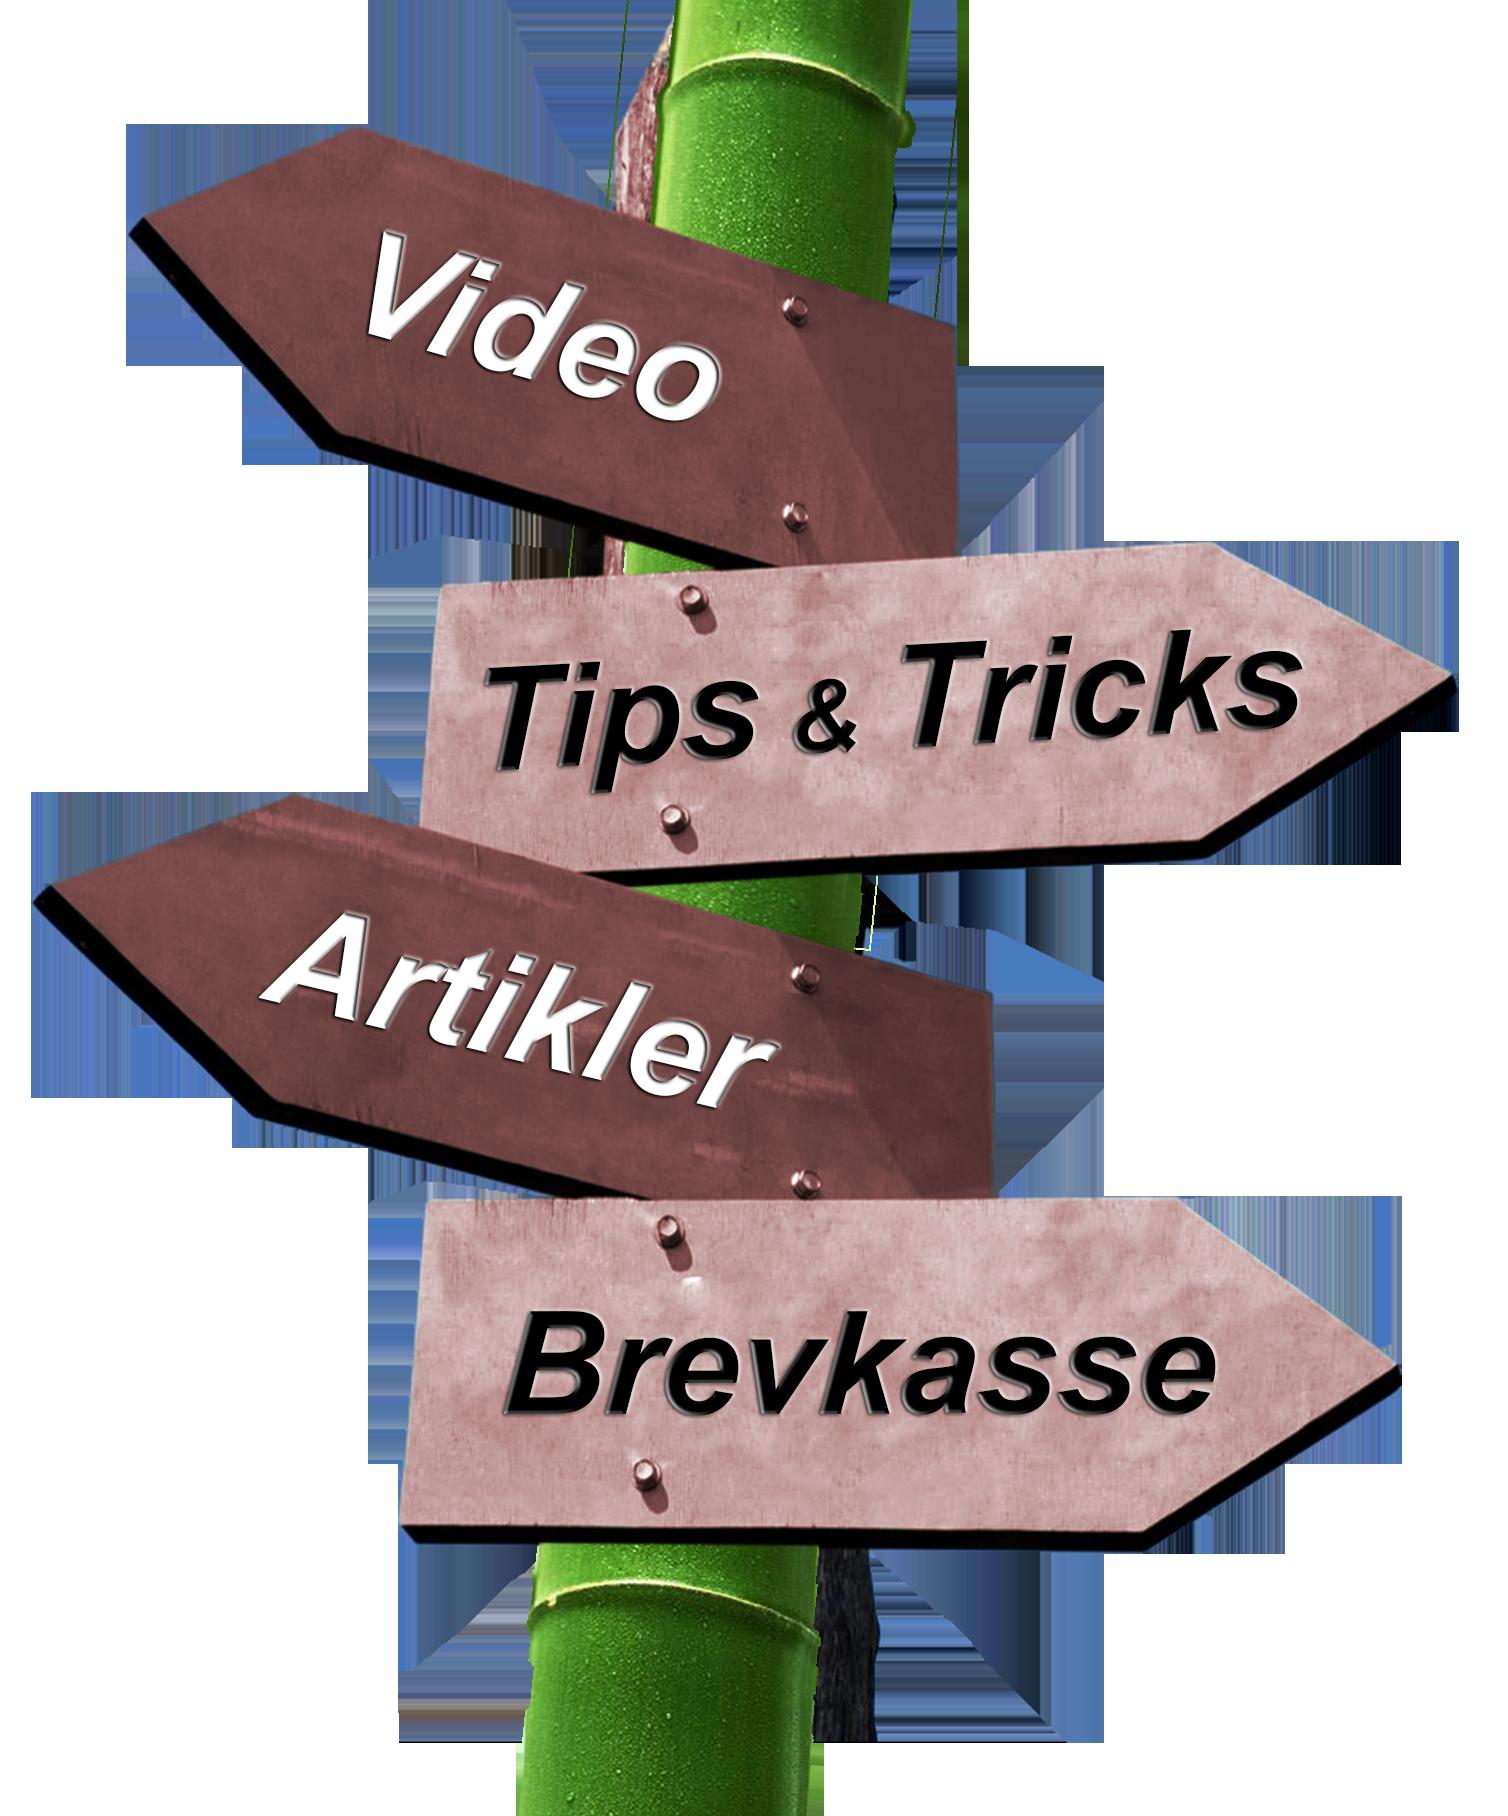 Få optimalt udbytte af dine IT programmer - skriv til brevkasse, læs artikler, få gratis tips & tricks og se videoer med forklaring på dine spørgsmål